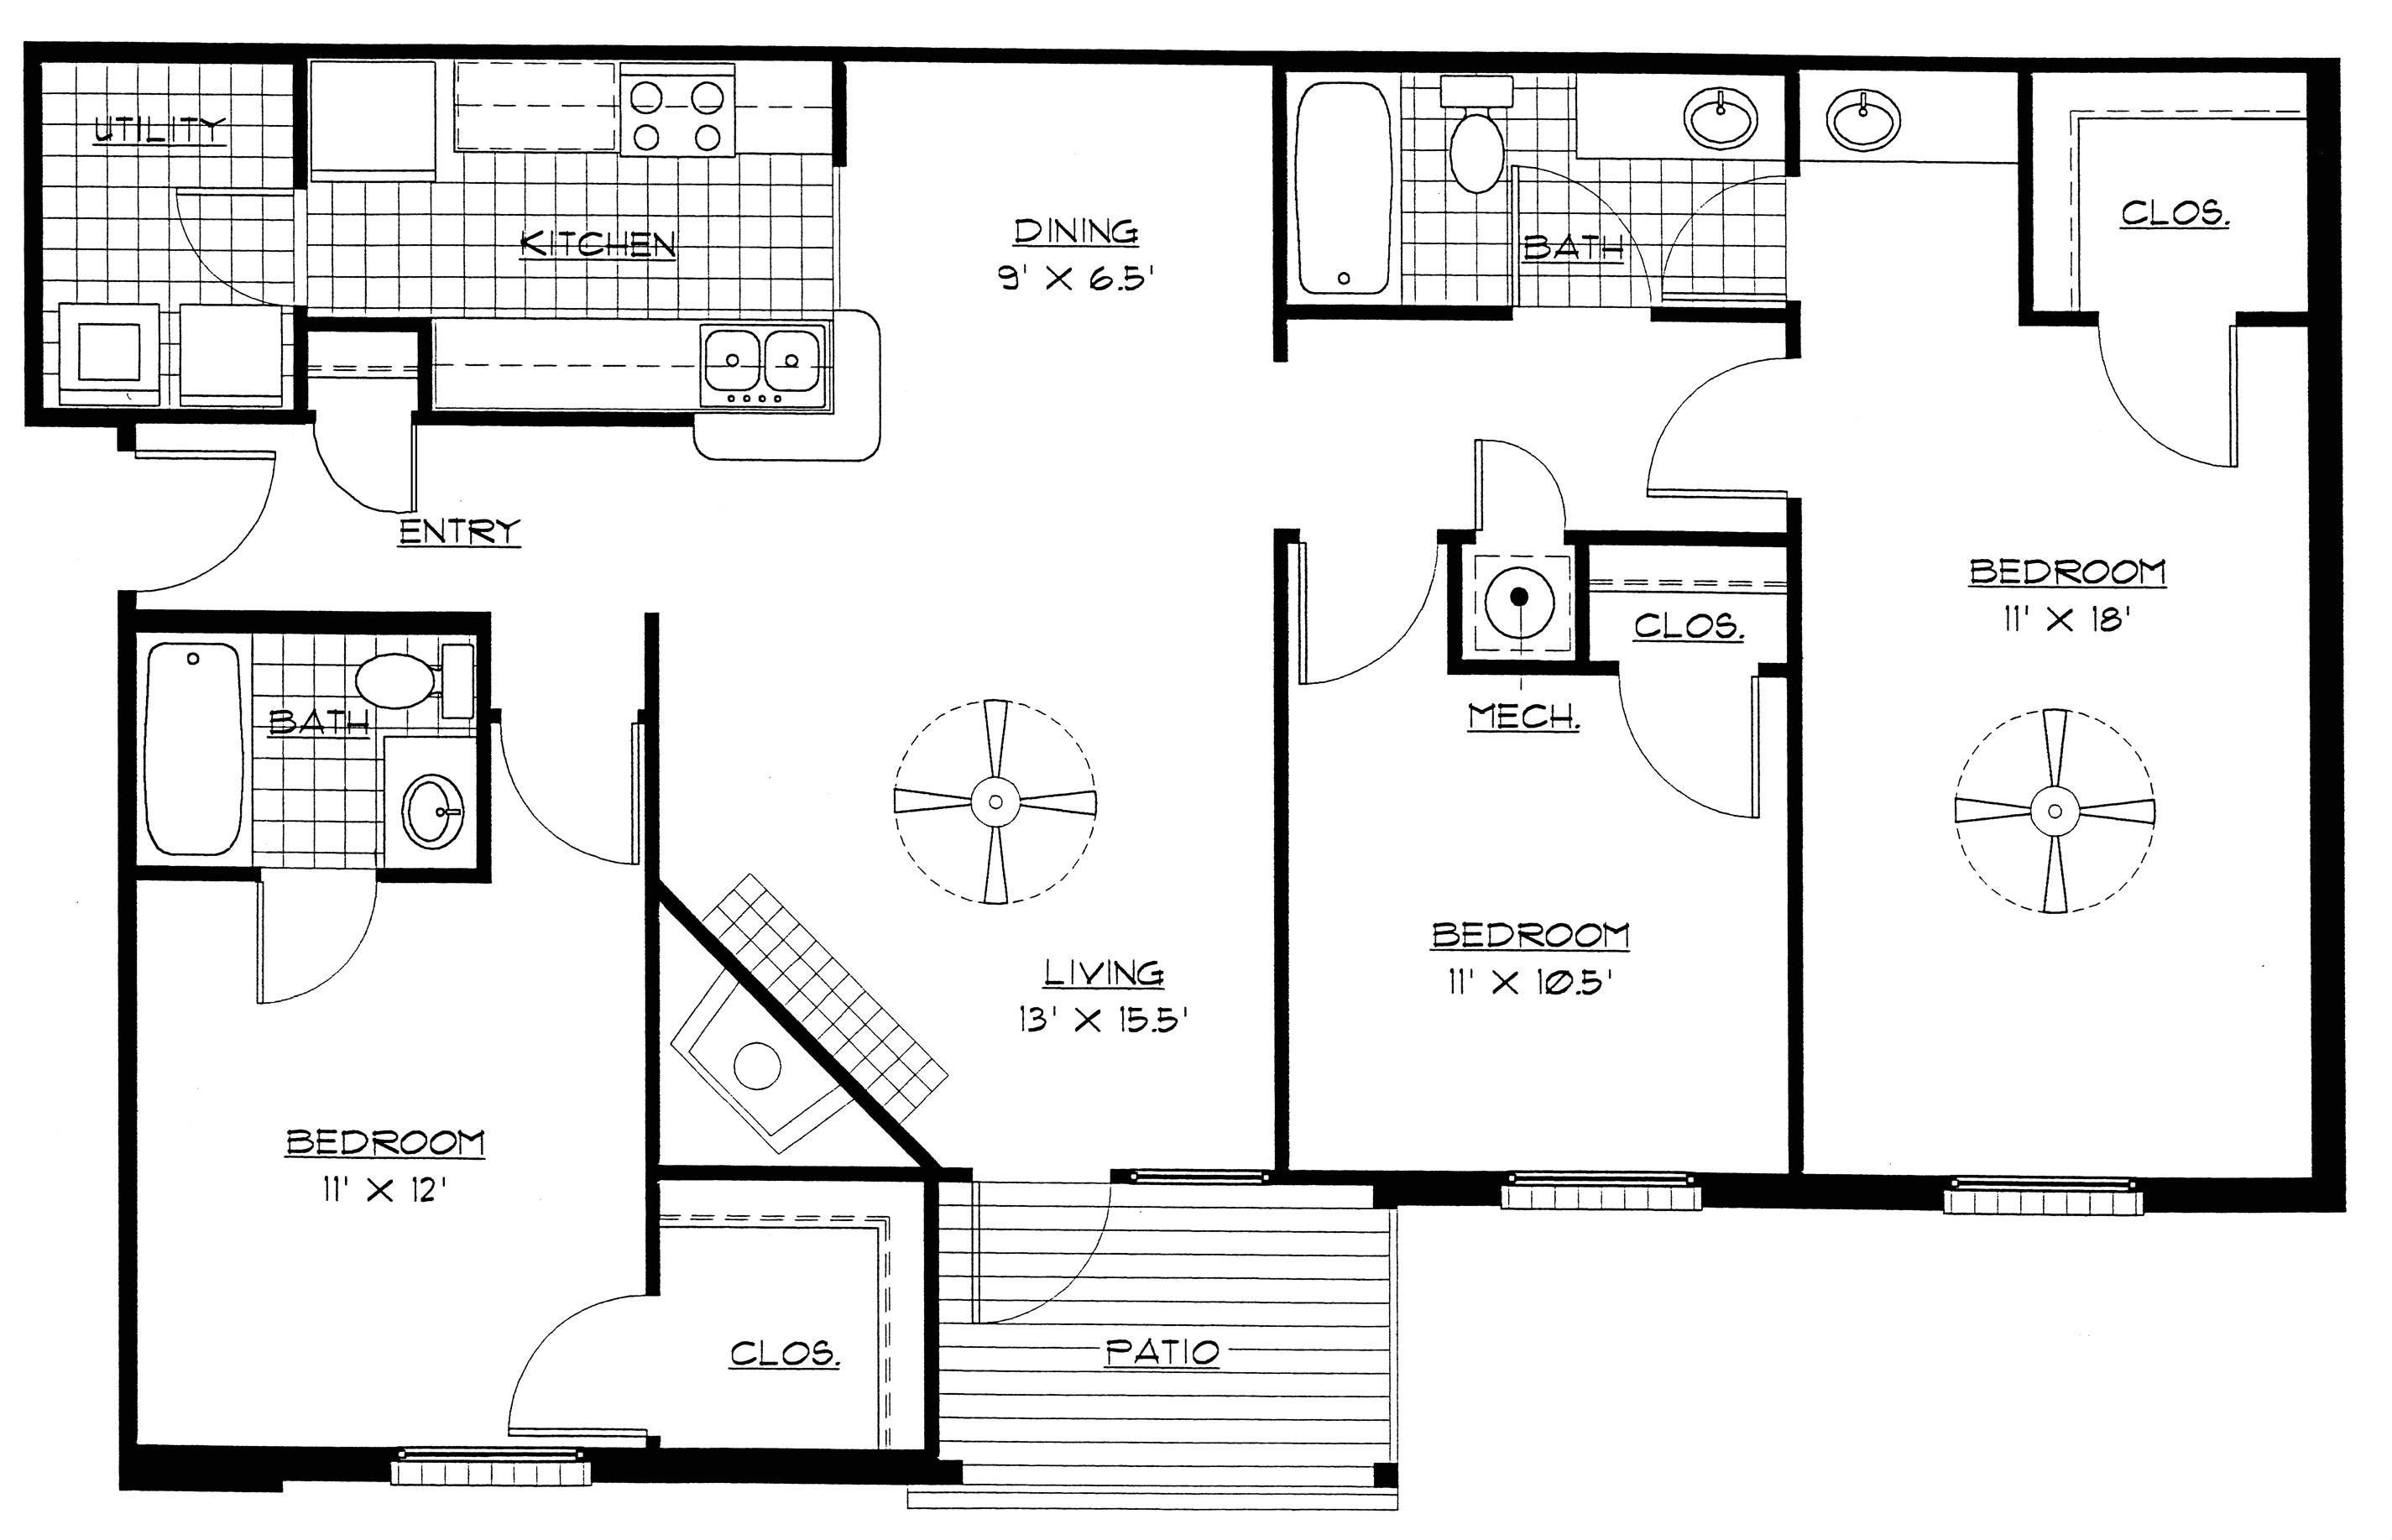 best 3 bedroom floor plan